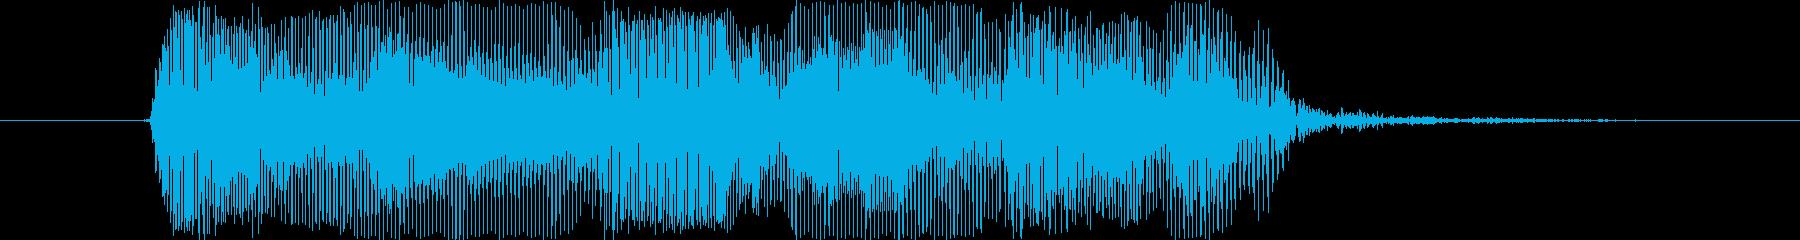 鳴き声 男性の恐ろしい悲鳴高01の再生済みの波形